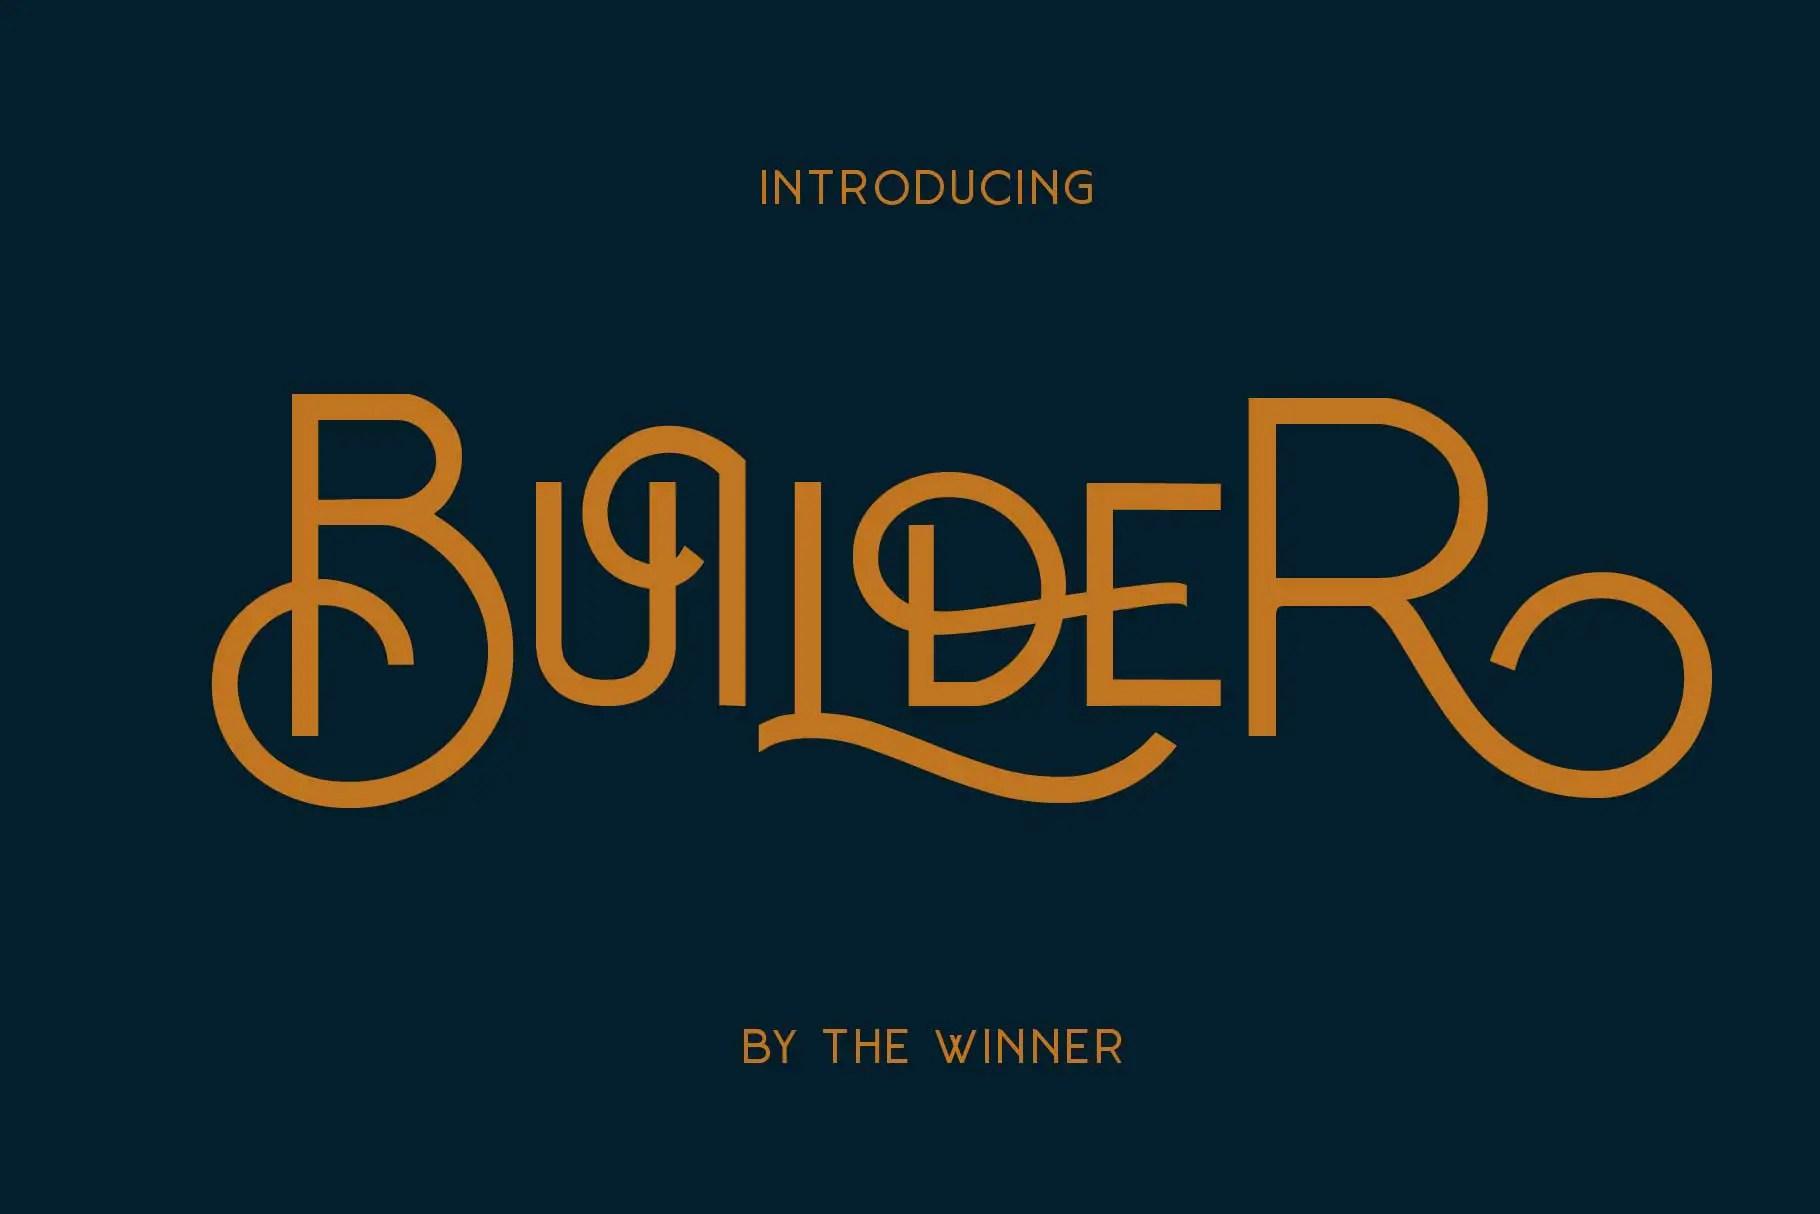 Builder Display Font -1